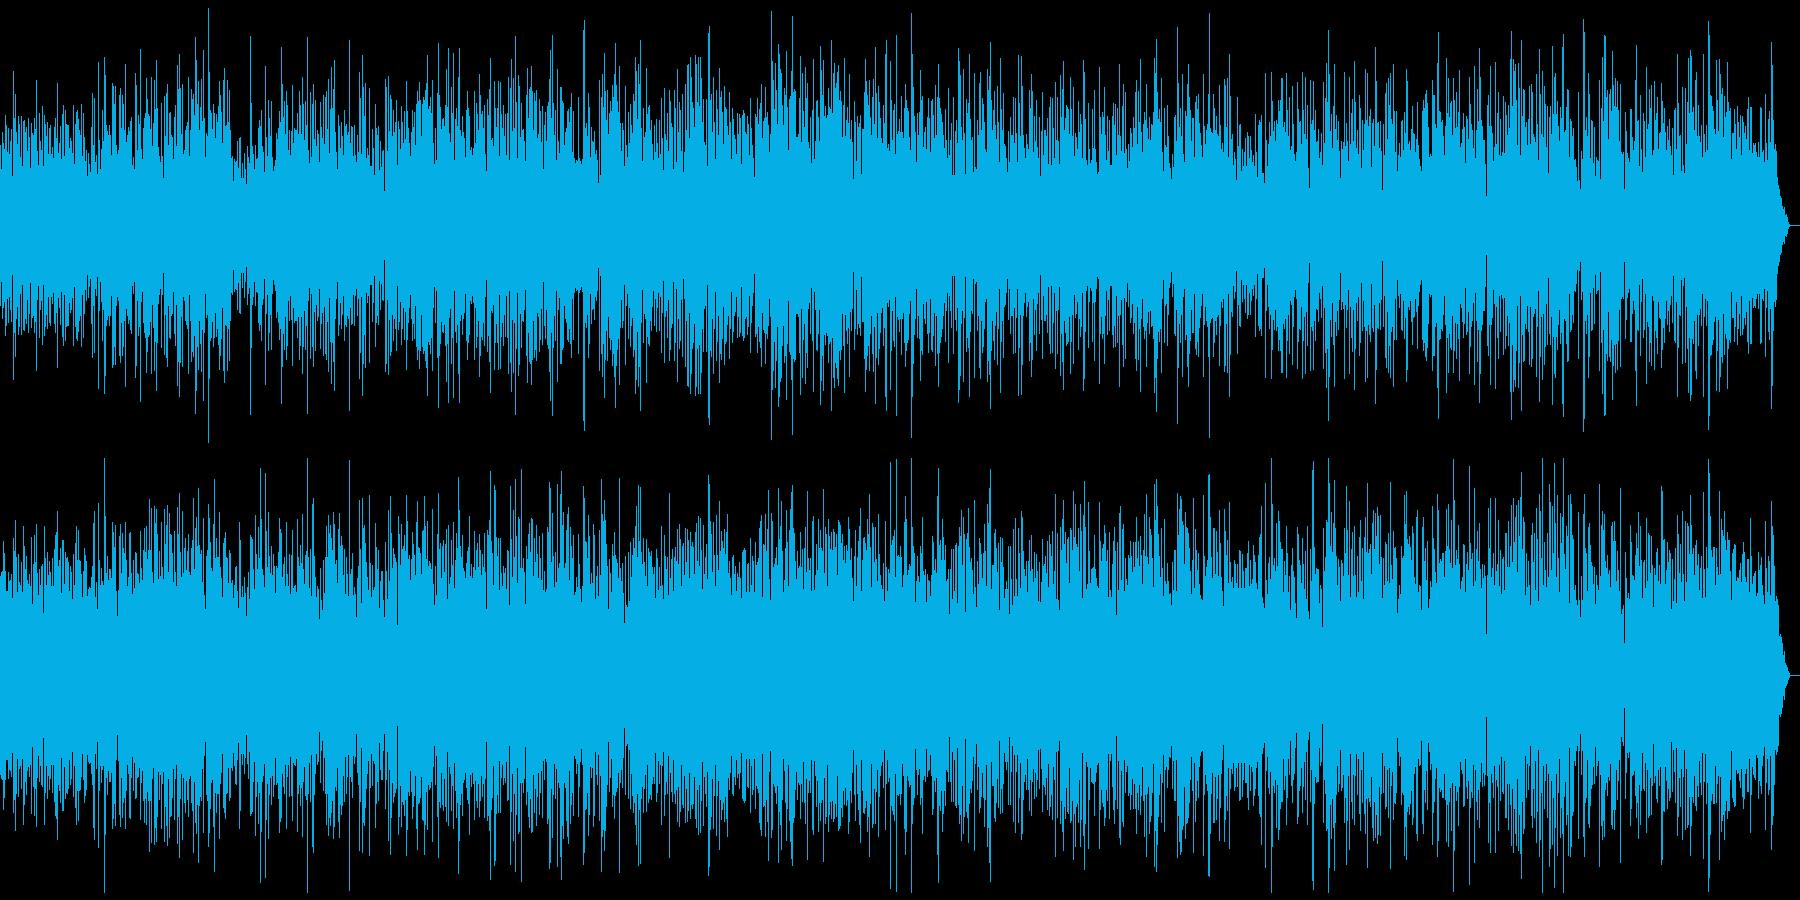 ピアノメロディーのやさしいポップの再生済みの波形